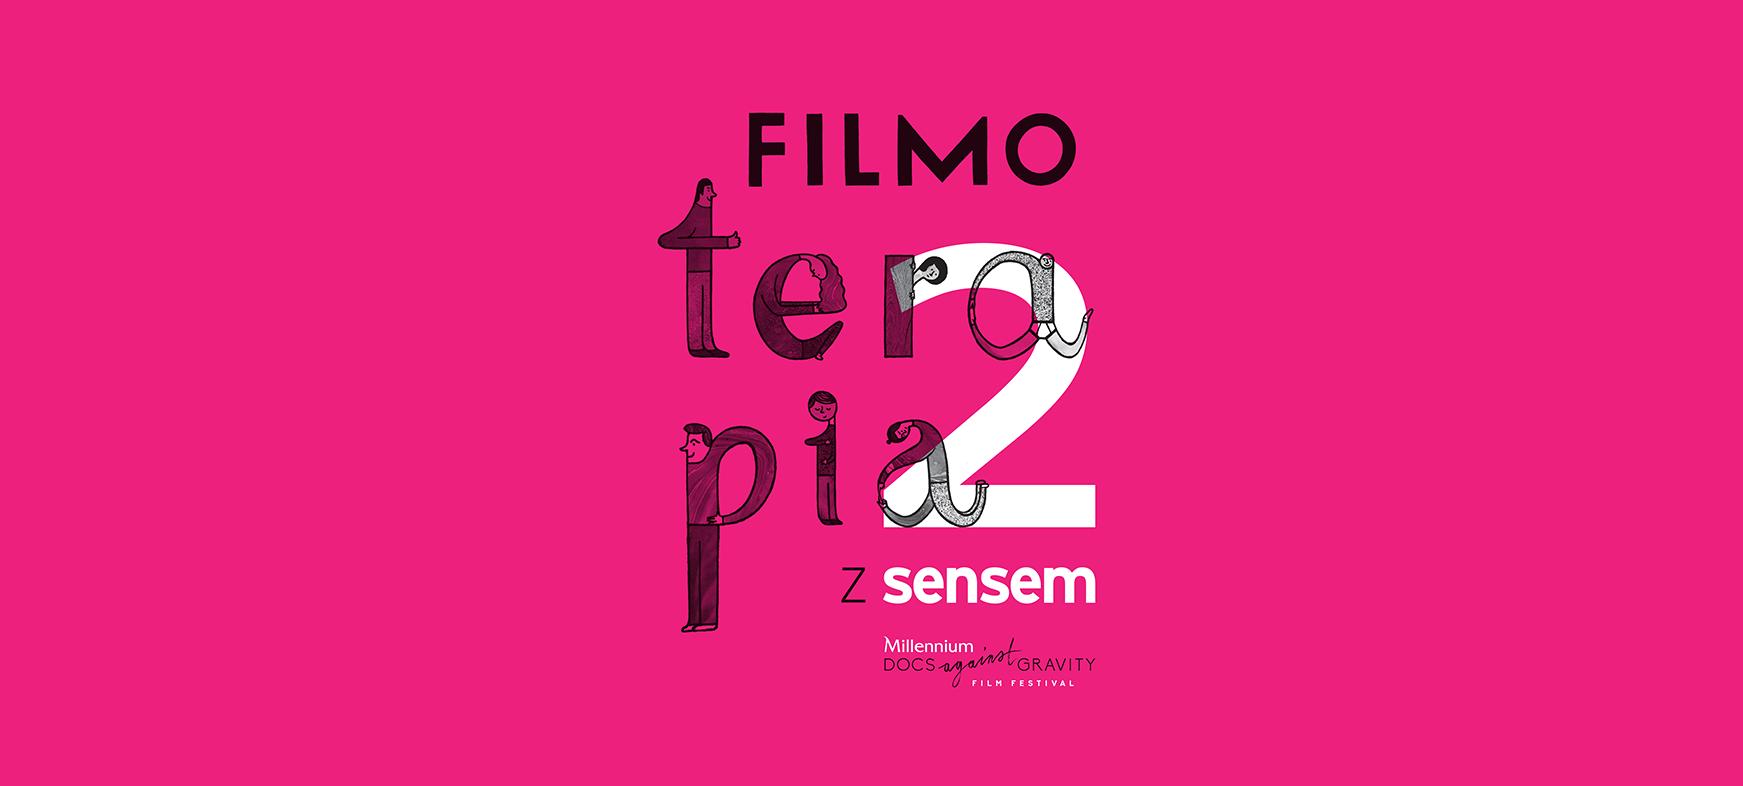 Ruszamy z Filmoterapia z Sensem 2